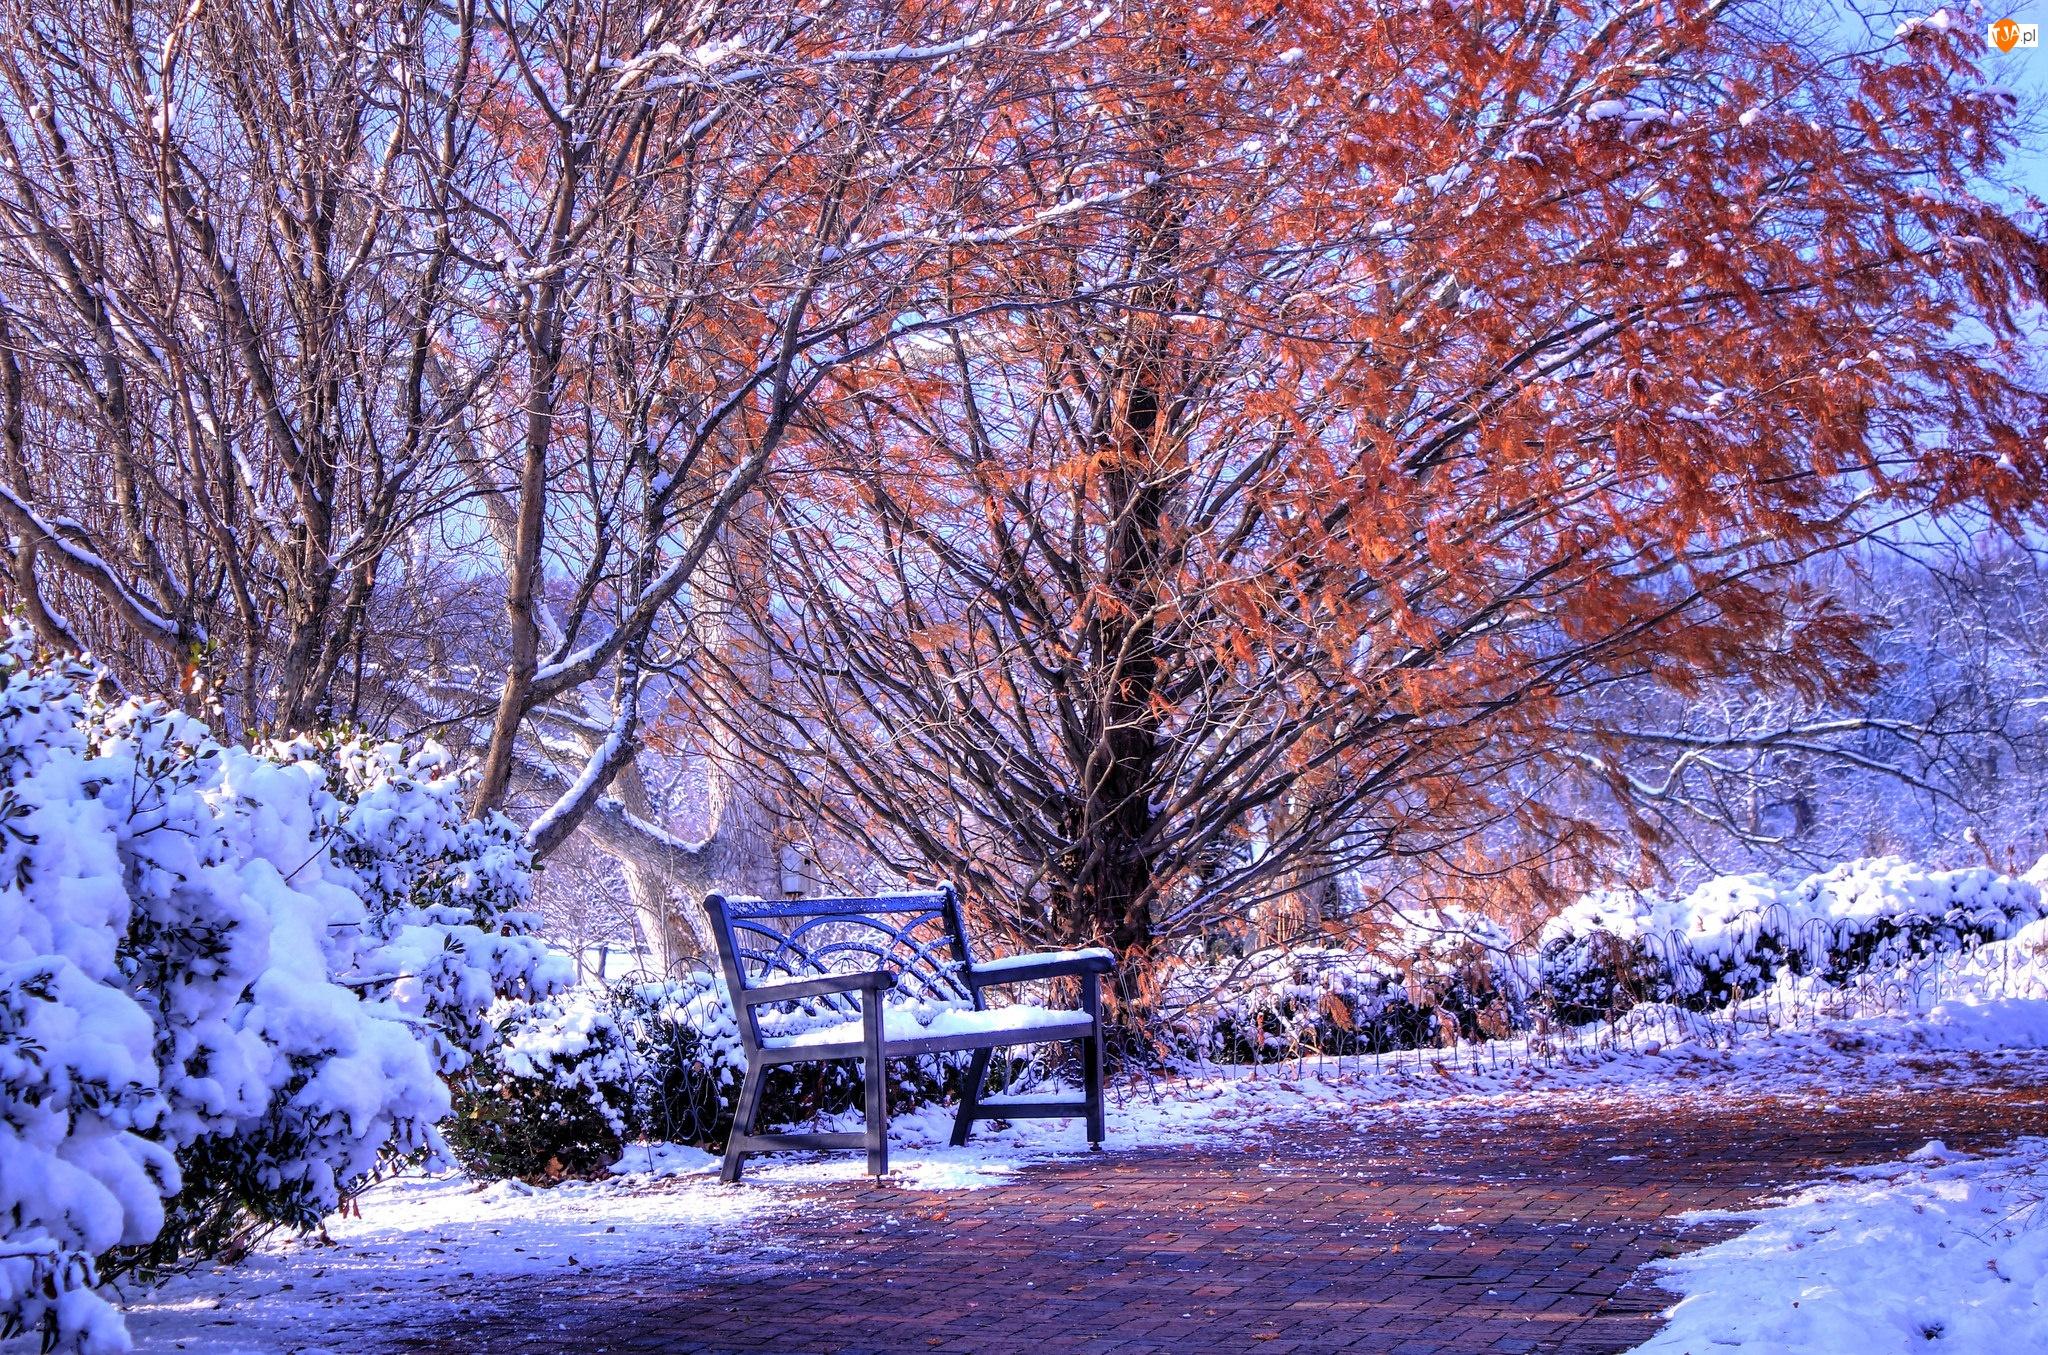 Śnieg, Zima, Drzewa, Park, Ławka